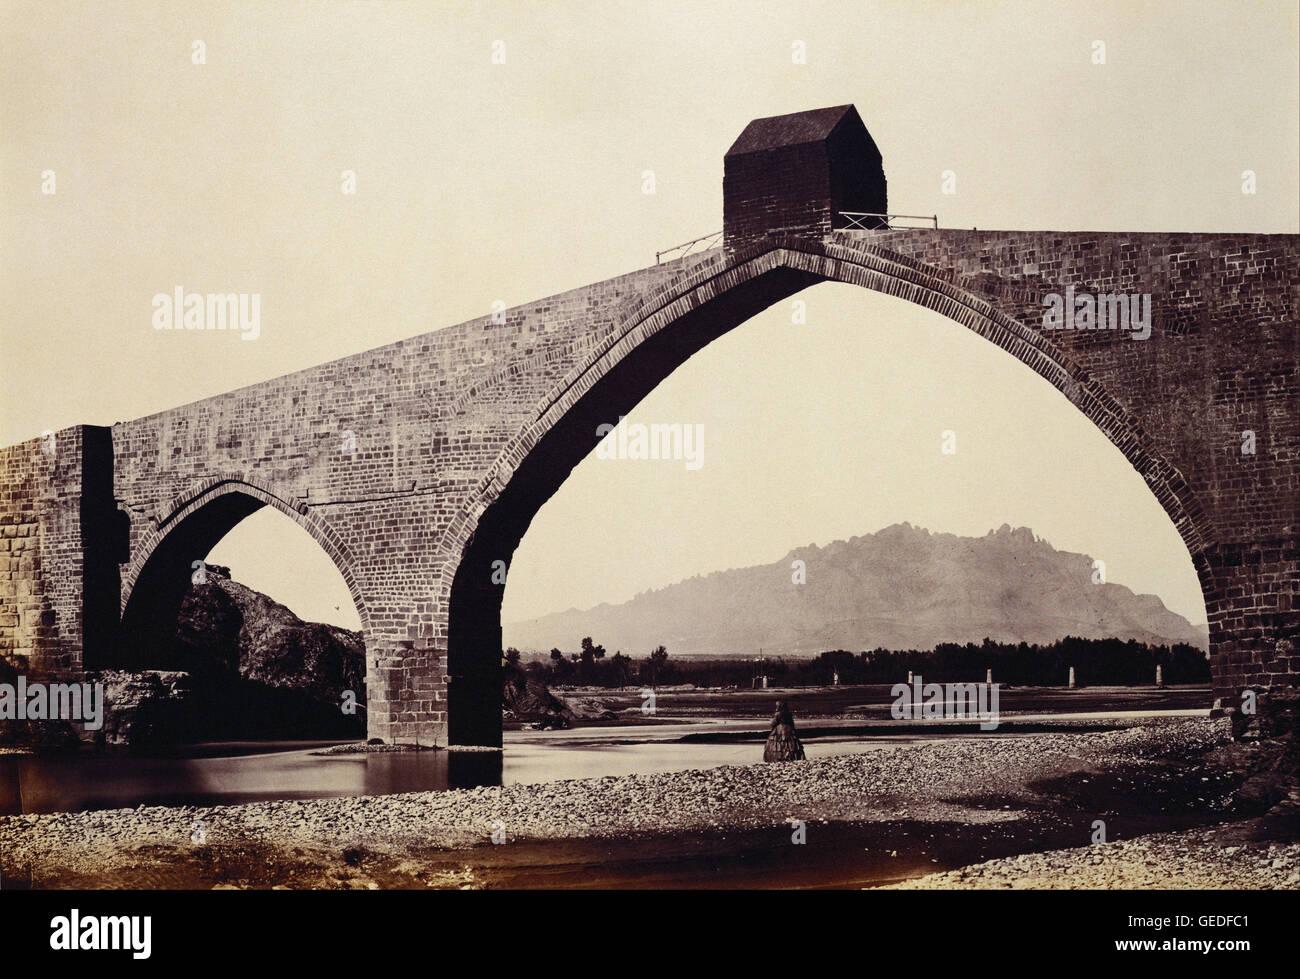 Charles Clifford - Cataluña - Puente del Diablo, Martorell Imagen De Stock